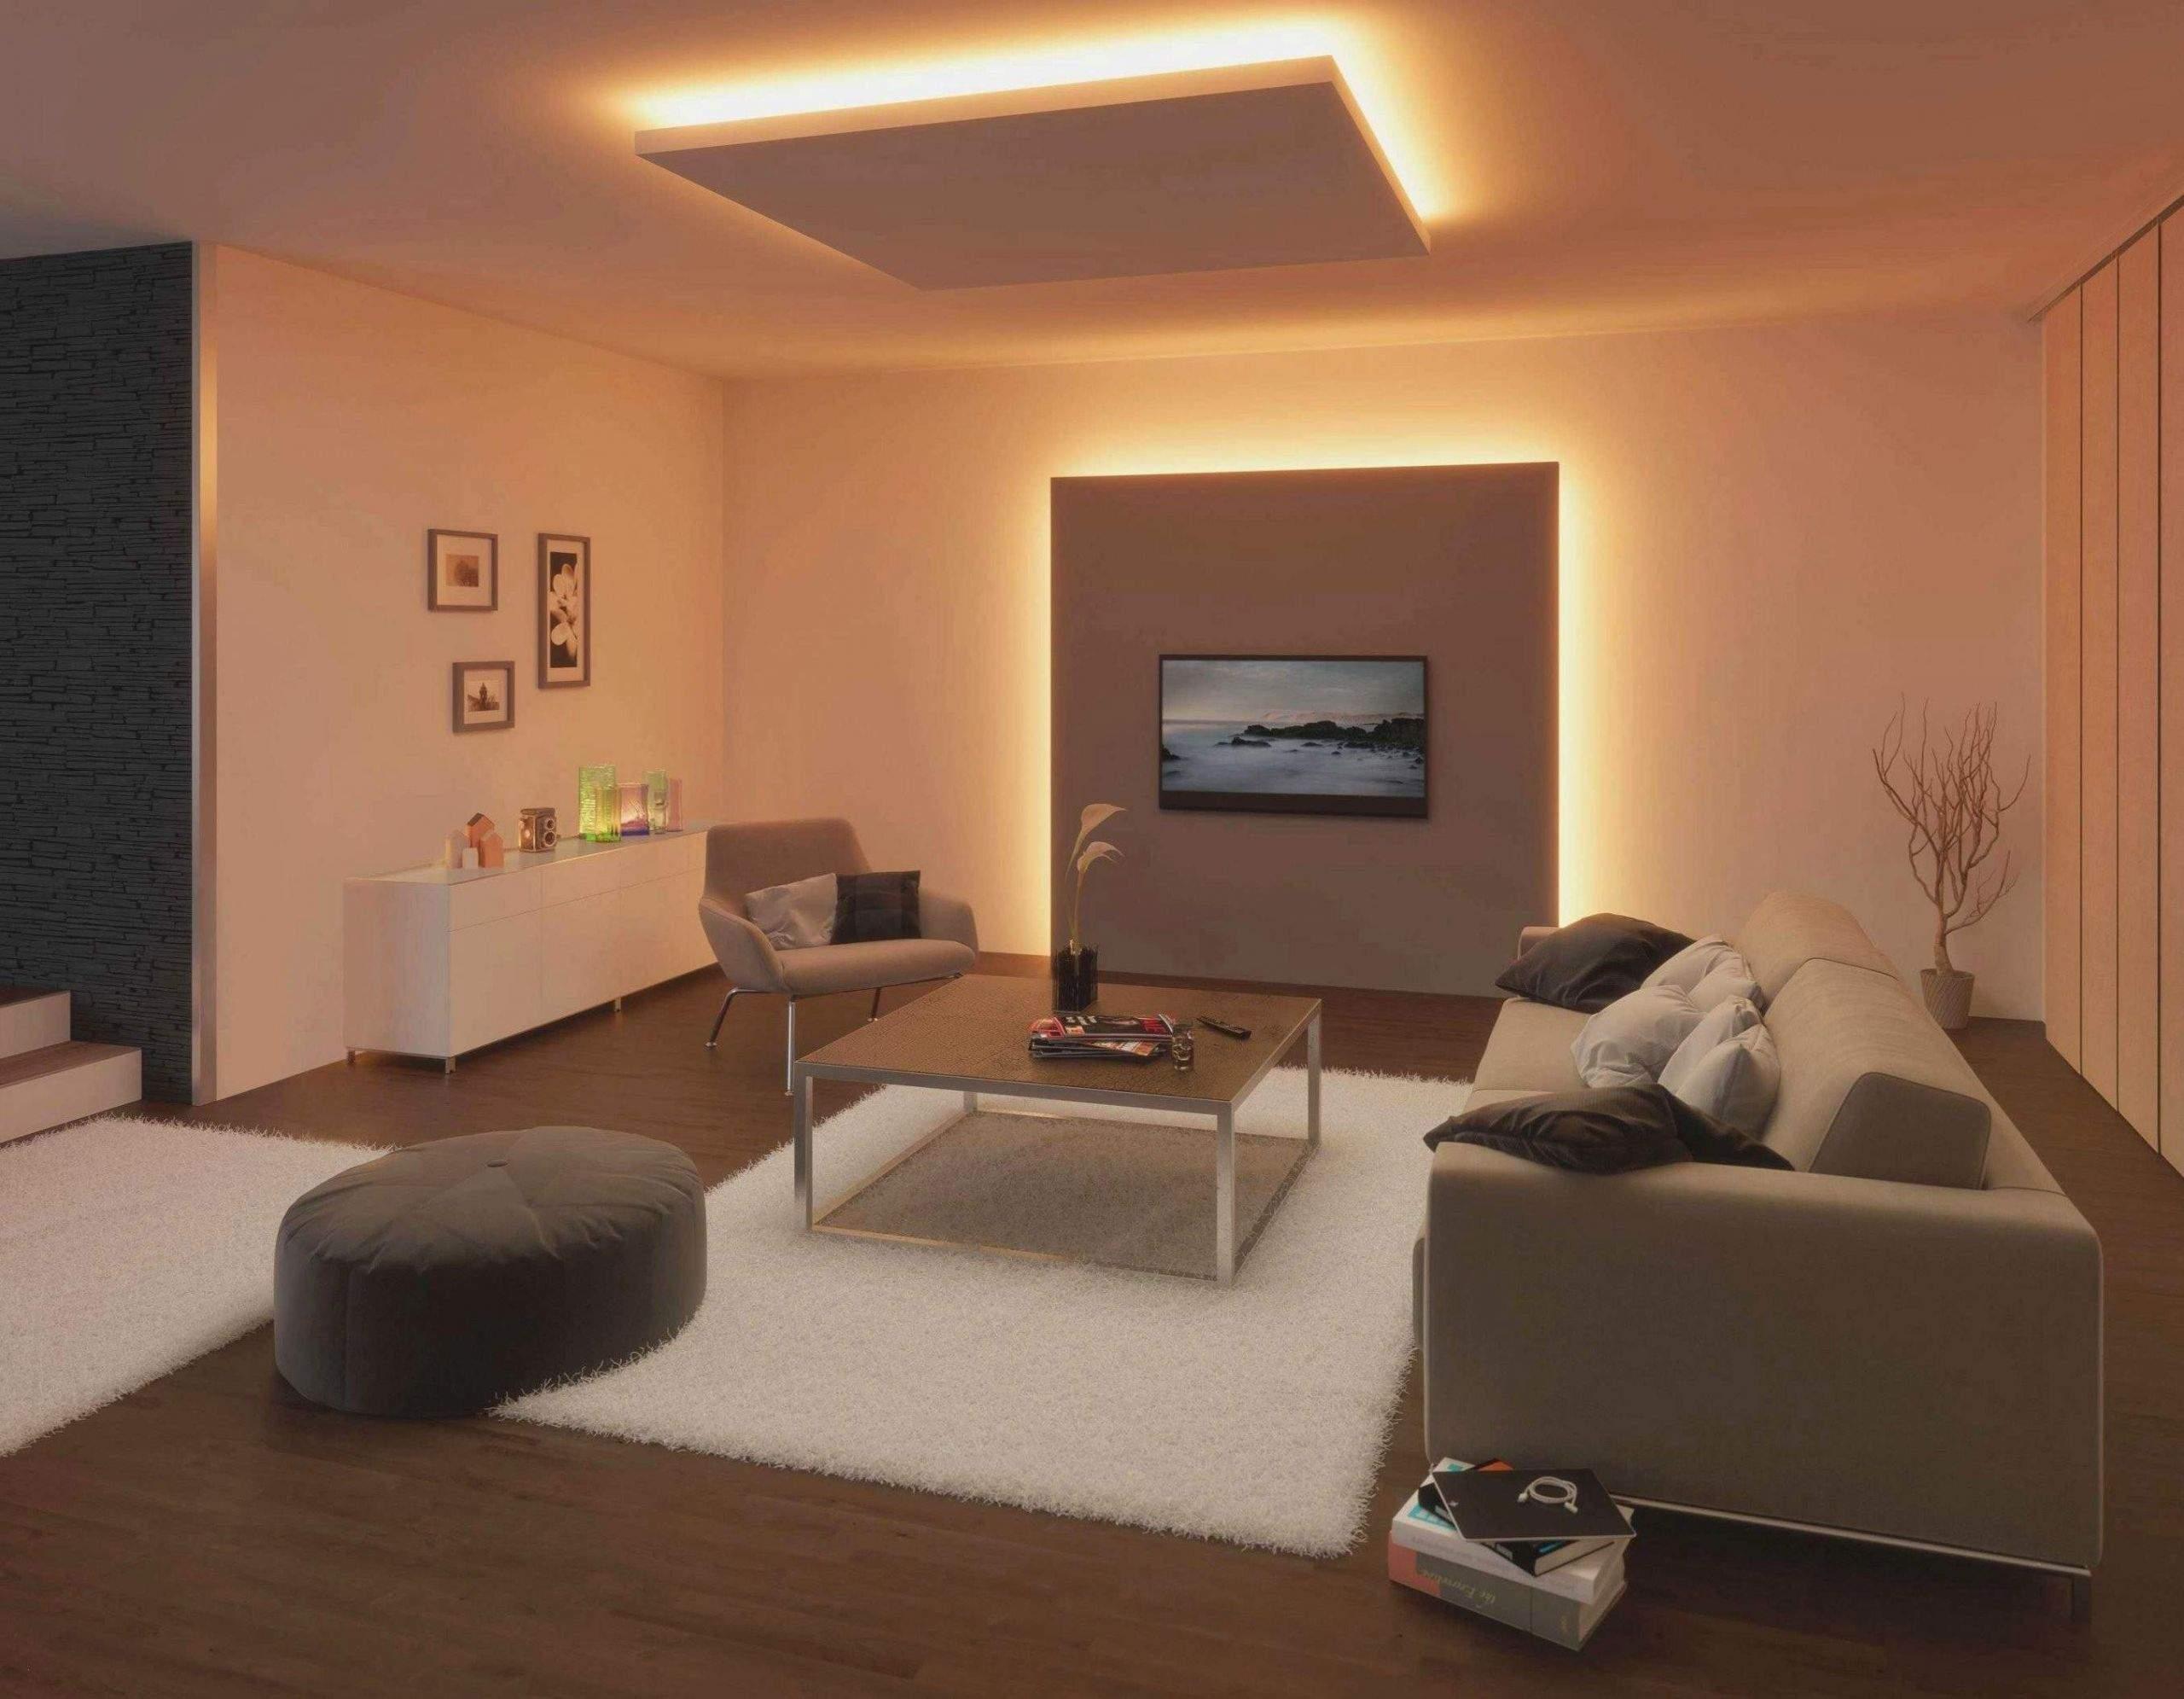 amerikanisches wohnzimmer neu ikea lampen wohnzimmer design besten ideen ses jahr of amerikanisches wohnzimmer scaled